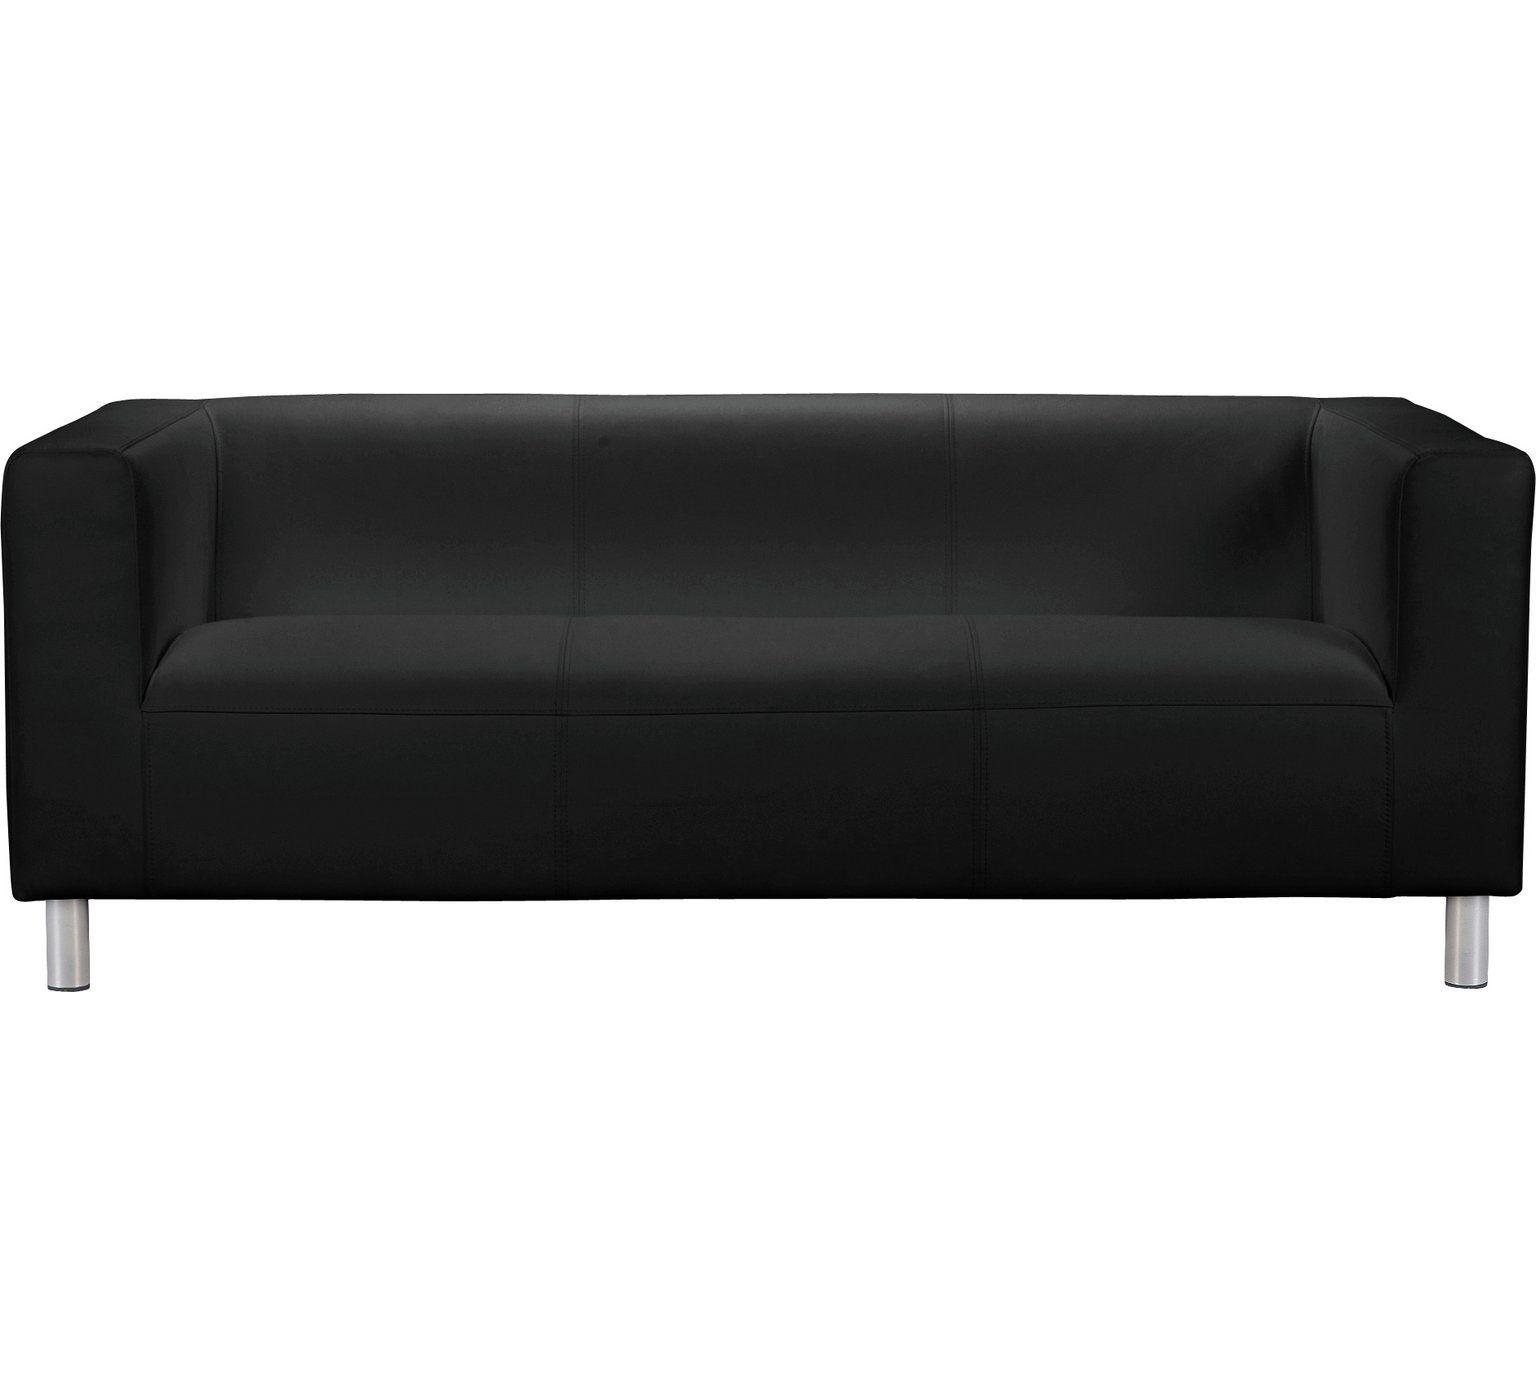 Buy Argos Home Moda 3 Seater Faux Leather Sofa Black Sofas Argos Faux Leather Sofa Leather Sofa Black Sofa